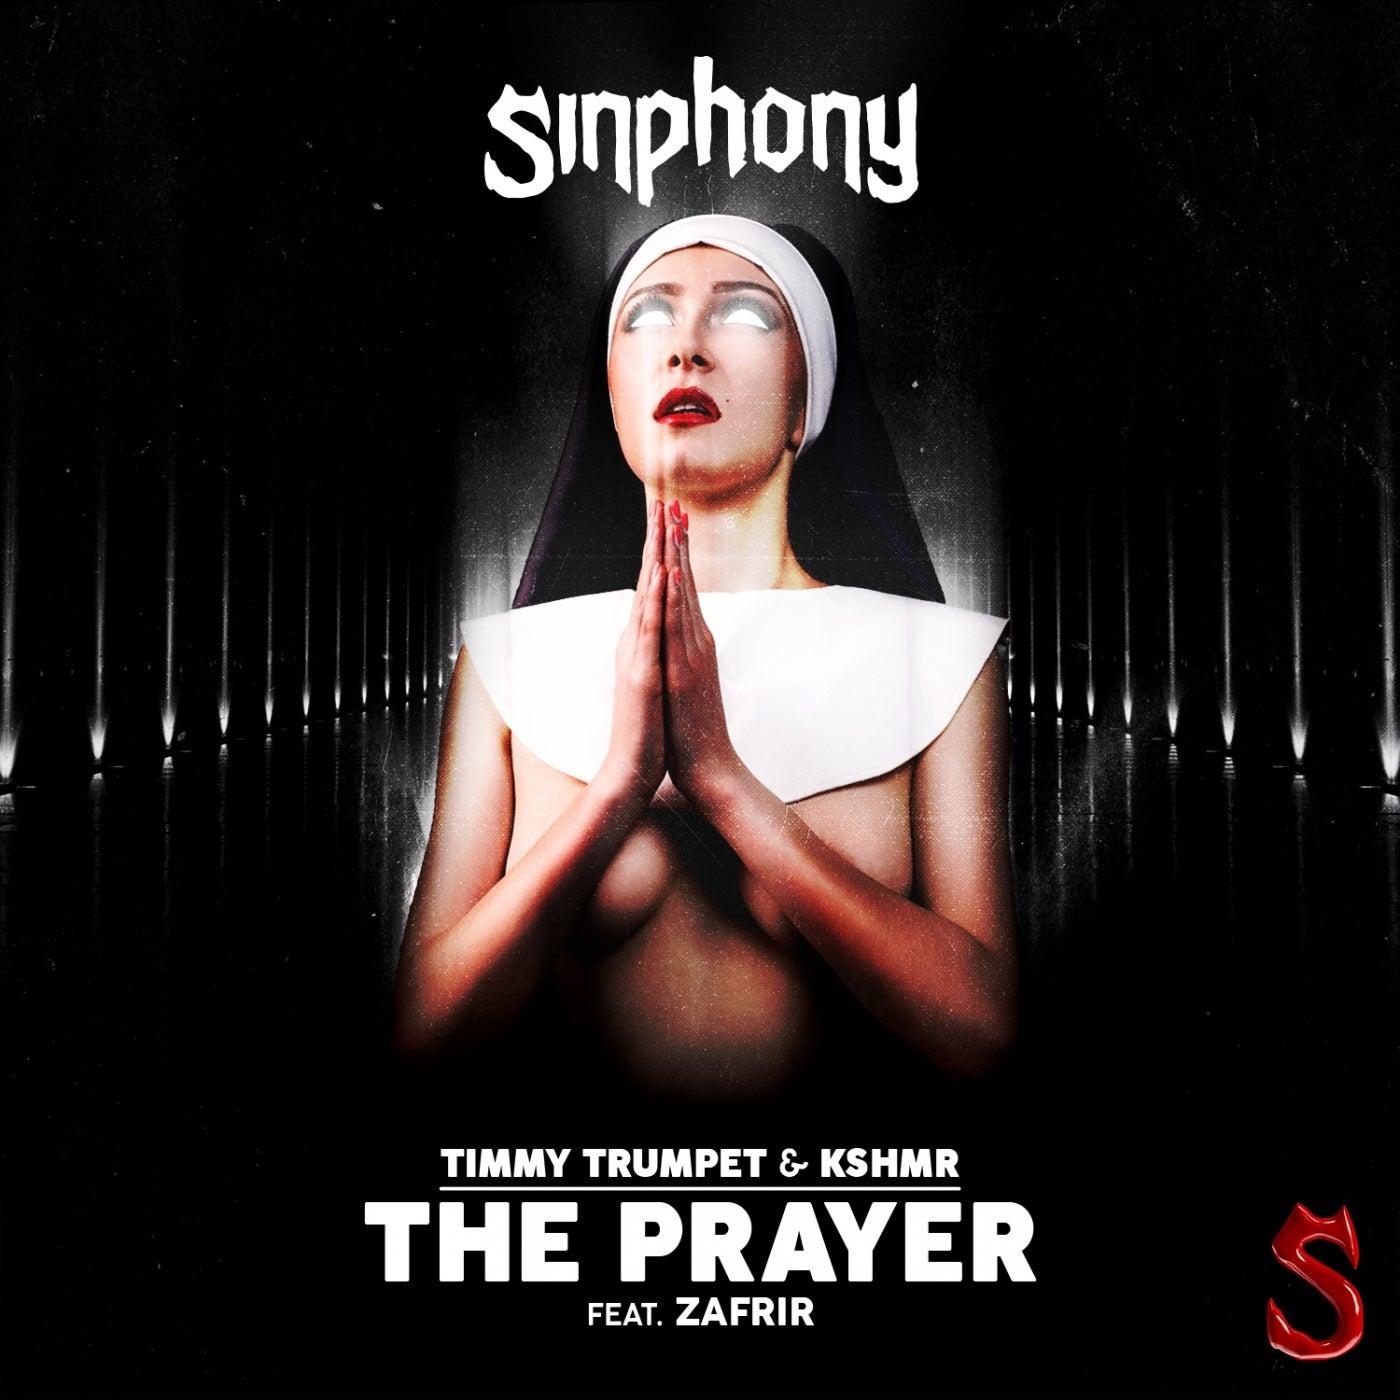 The Prayer (feat. Zafrir) (Extended Mix)